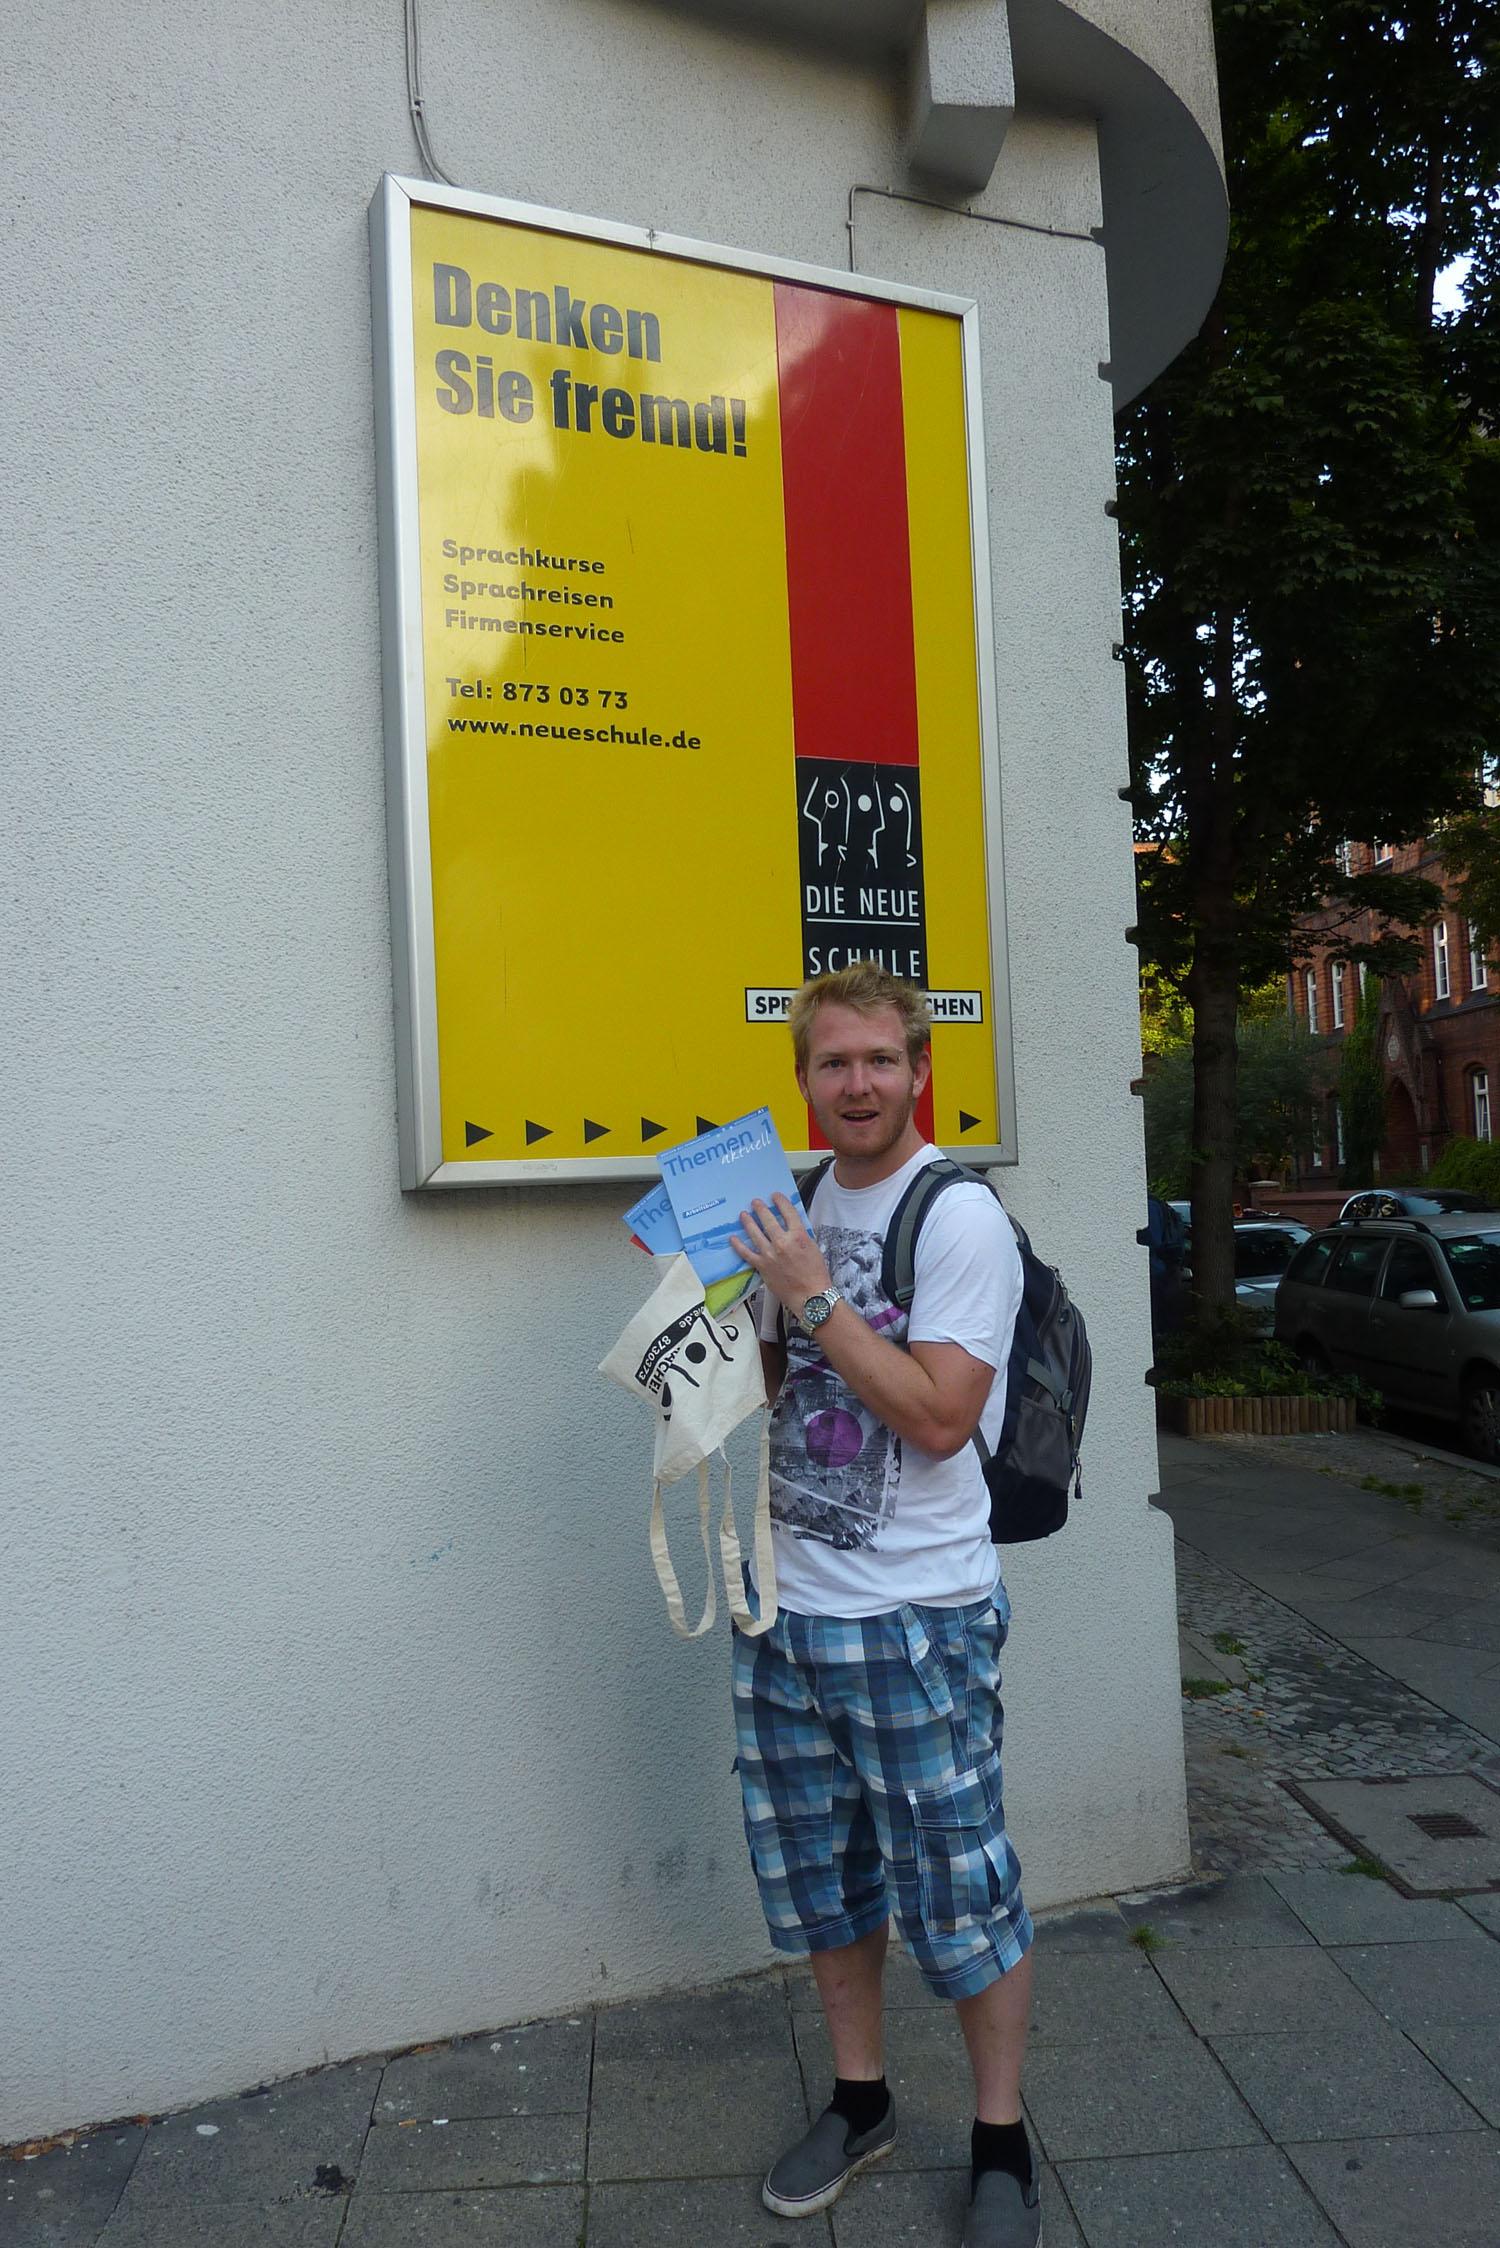 Die Neue Schule in Berlin